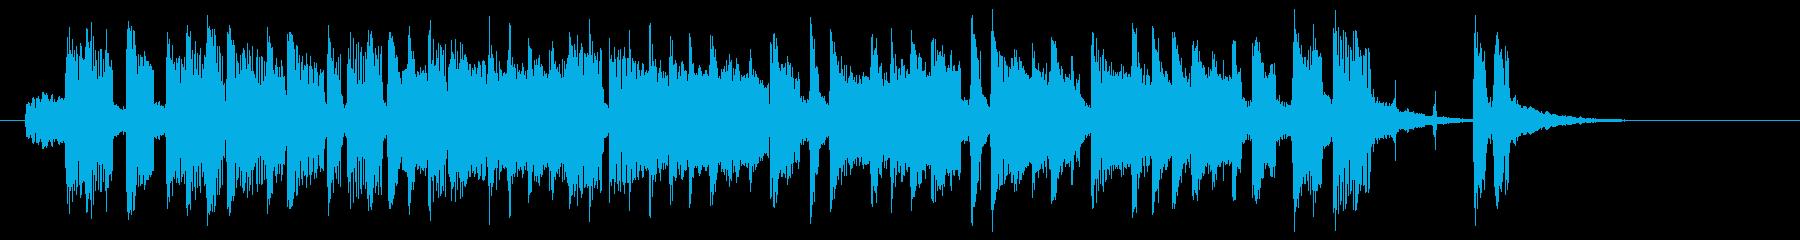 低音が心地よいポップな曲の再生済みの波形